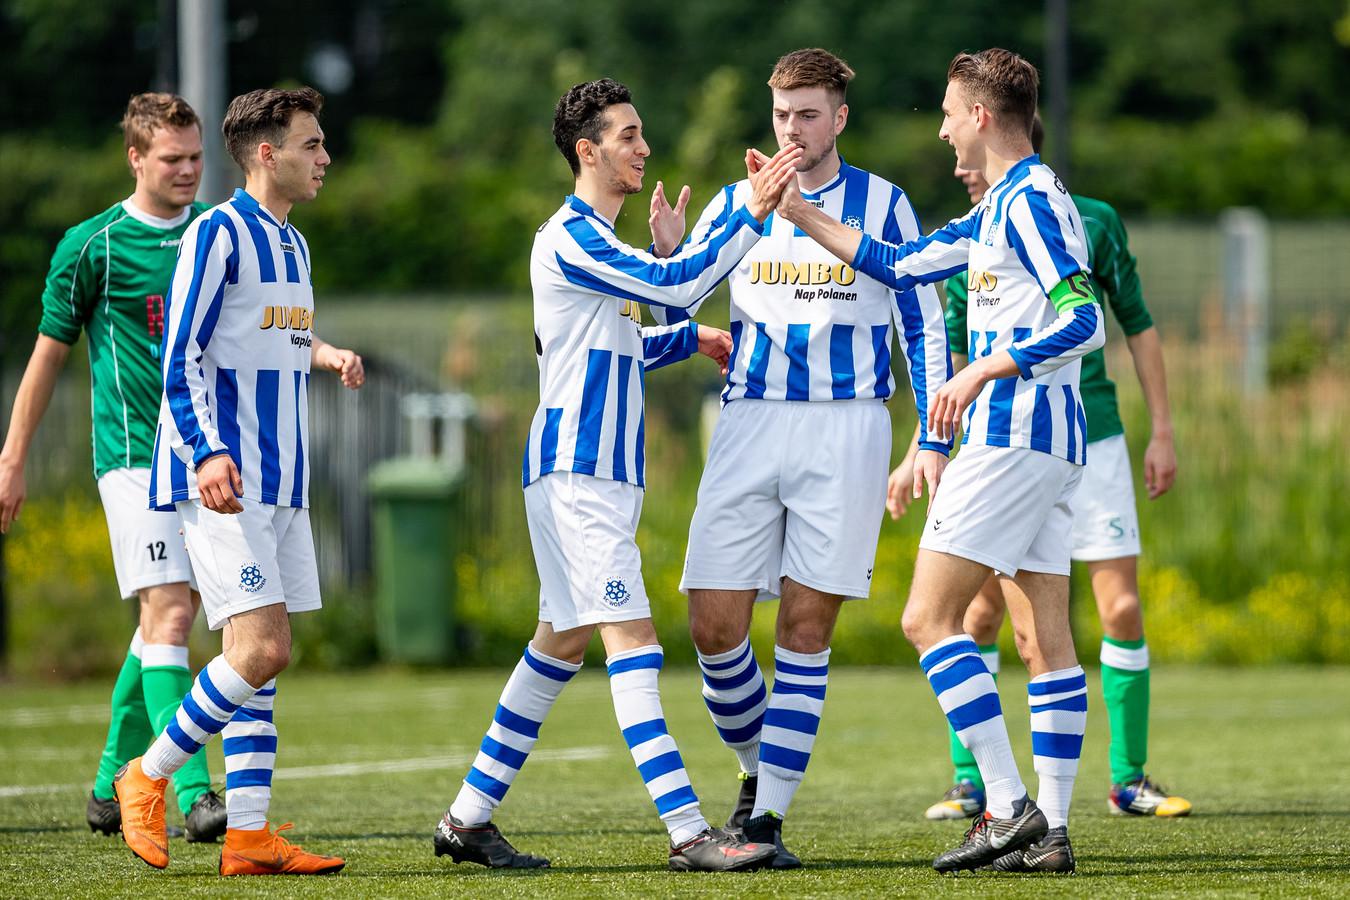 Omdat het hoofdgrasveld was afgekeurd, moest het eerste elftal van SC Woerden de wedstrijd tegen SPV'81 afgelopen zaterdag noodgedwongen op een kunstgrasveld spelen.